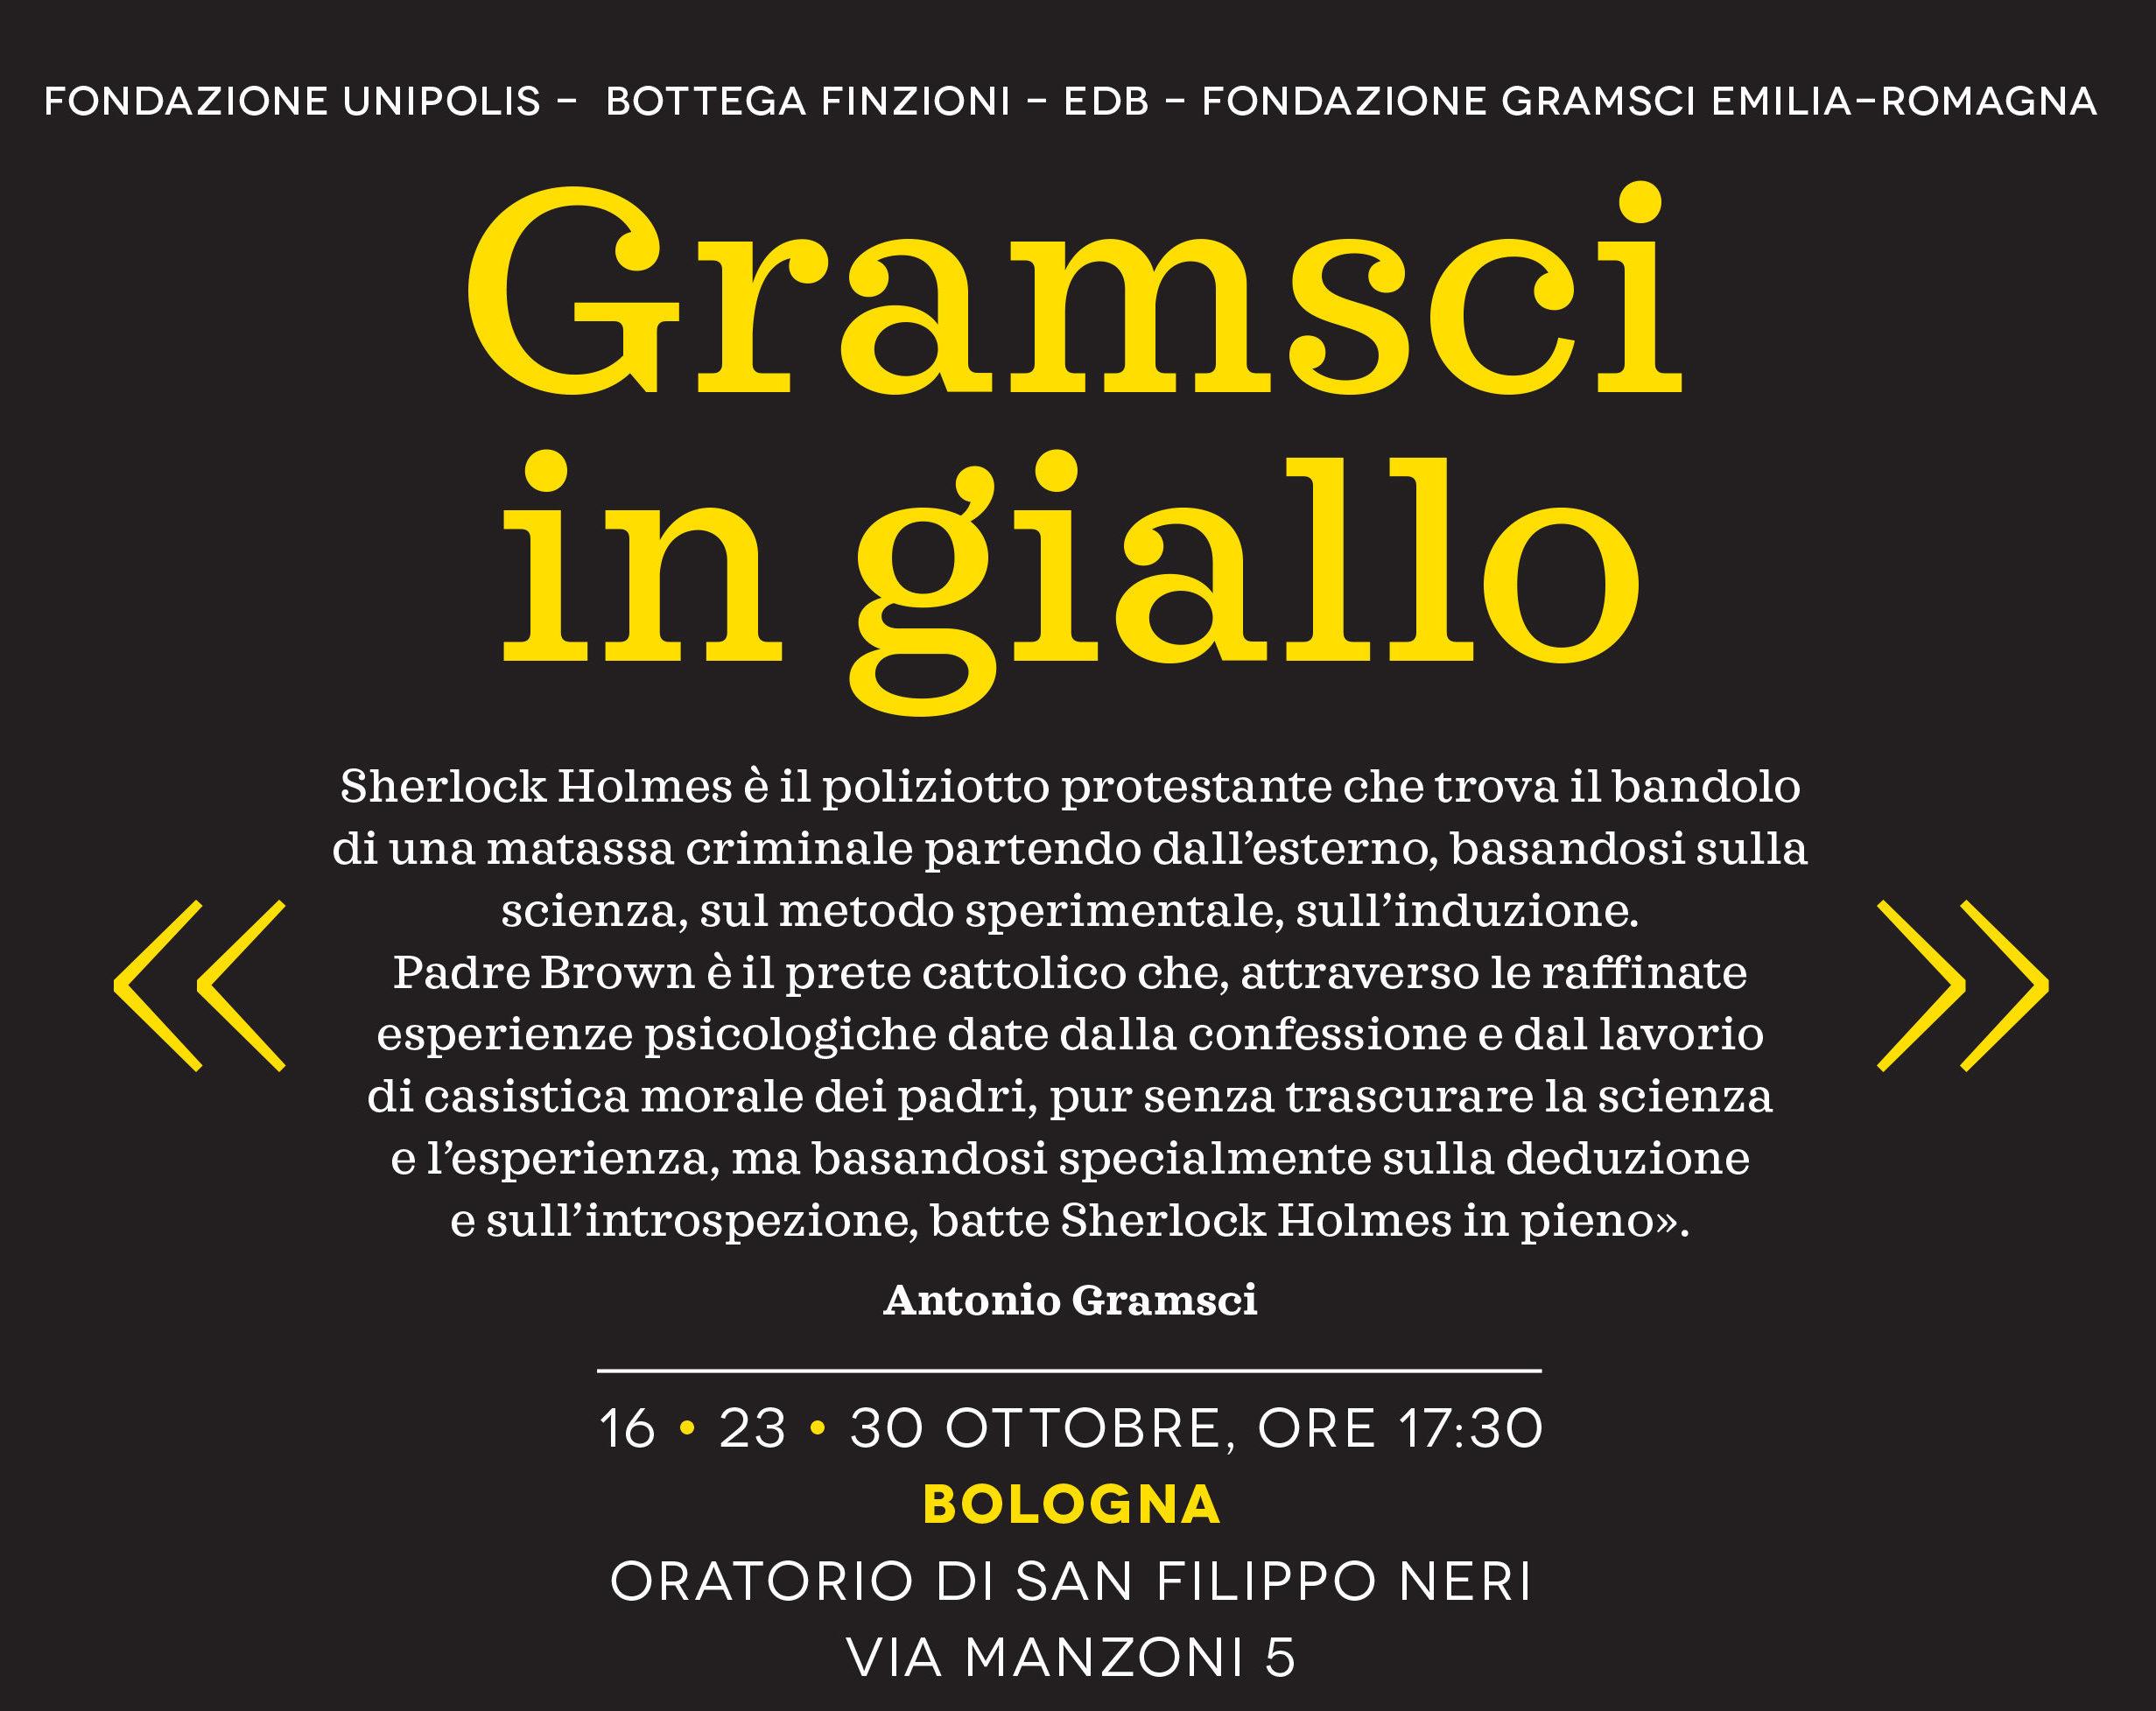 Gramsci in giallo: ciclo di incontri promosso dalla Fondazione Unipolis, assieme ad altri partner